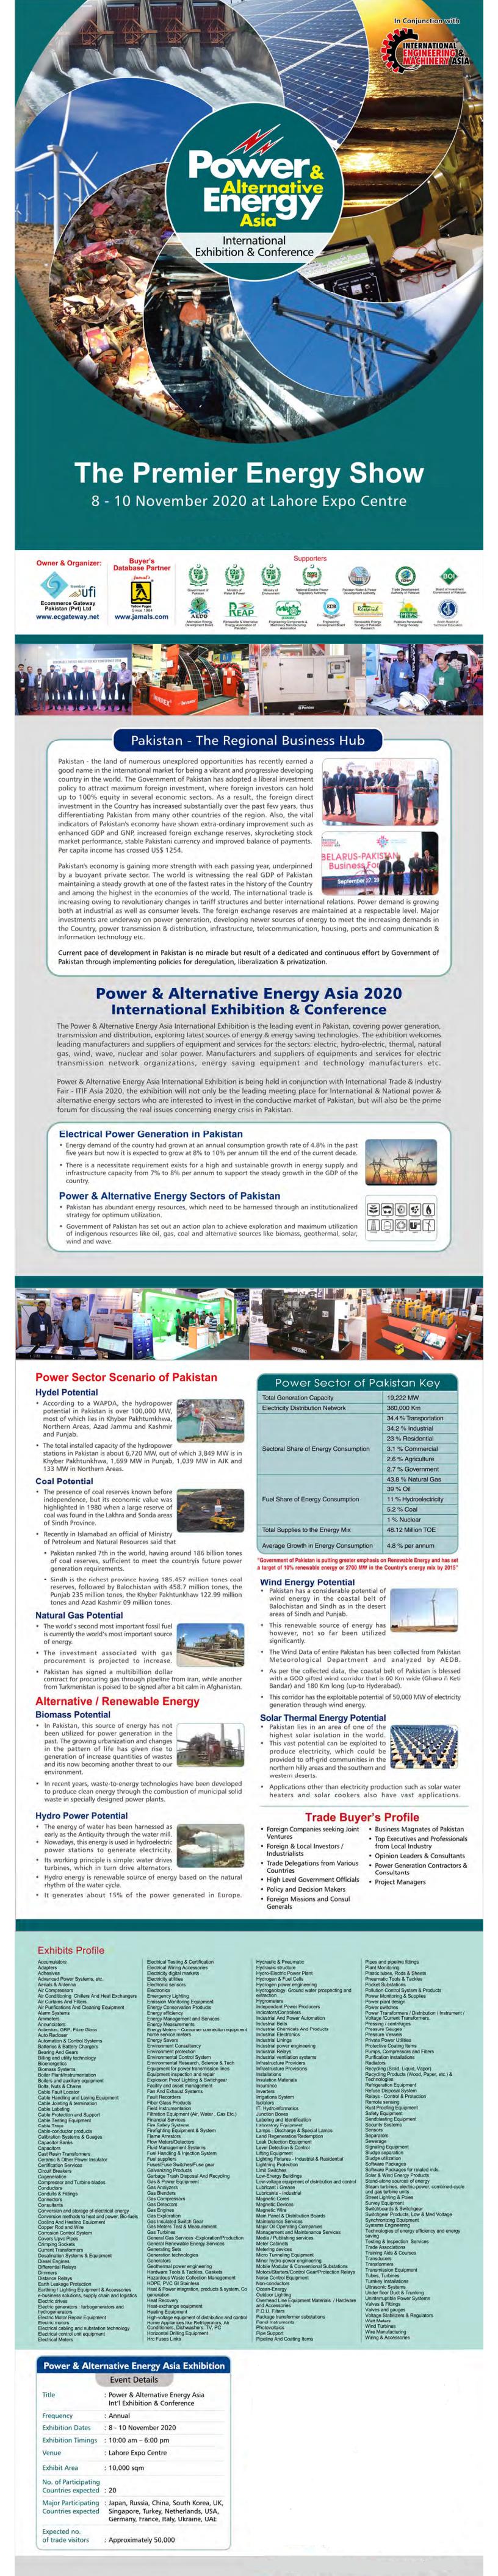 巴基斯坦卡拉奇電力展覽會Power & Energy